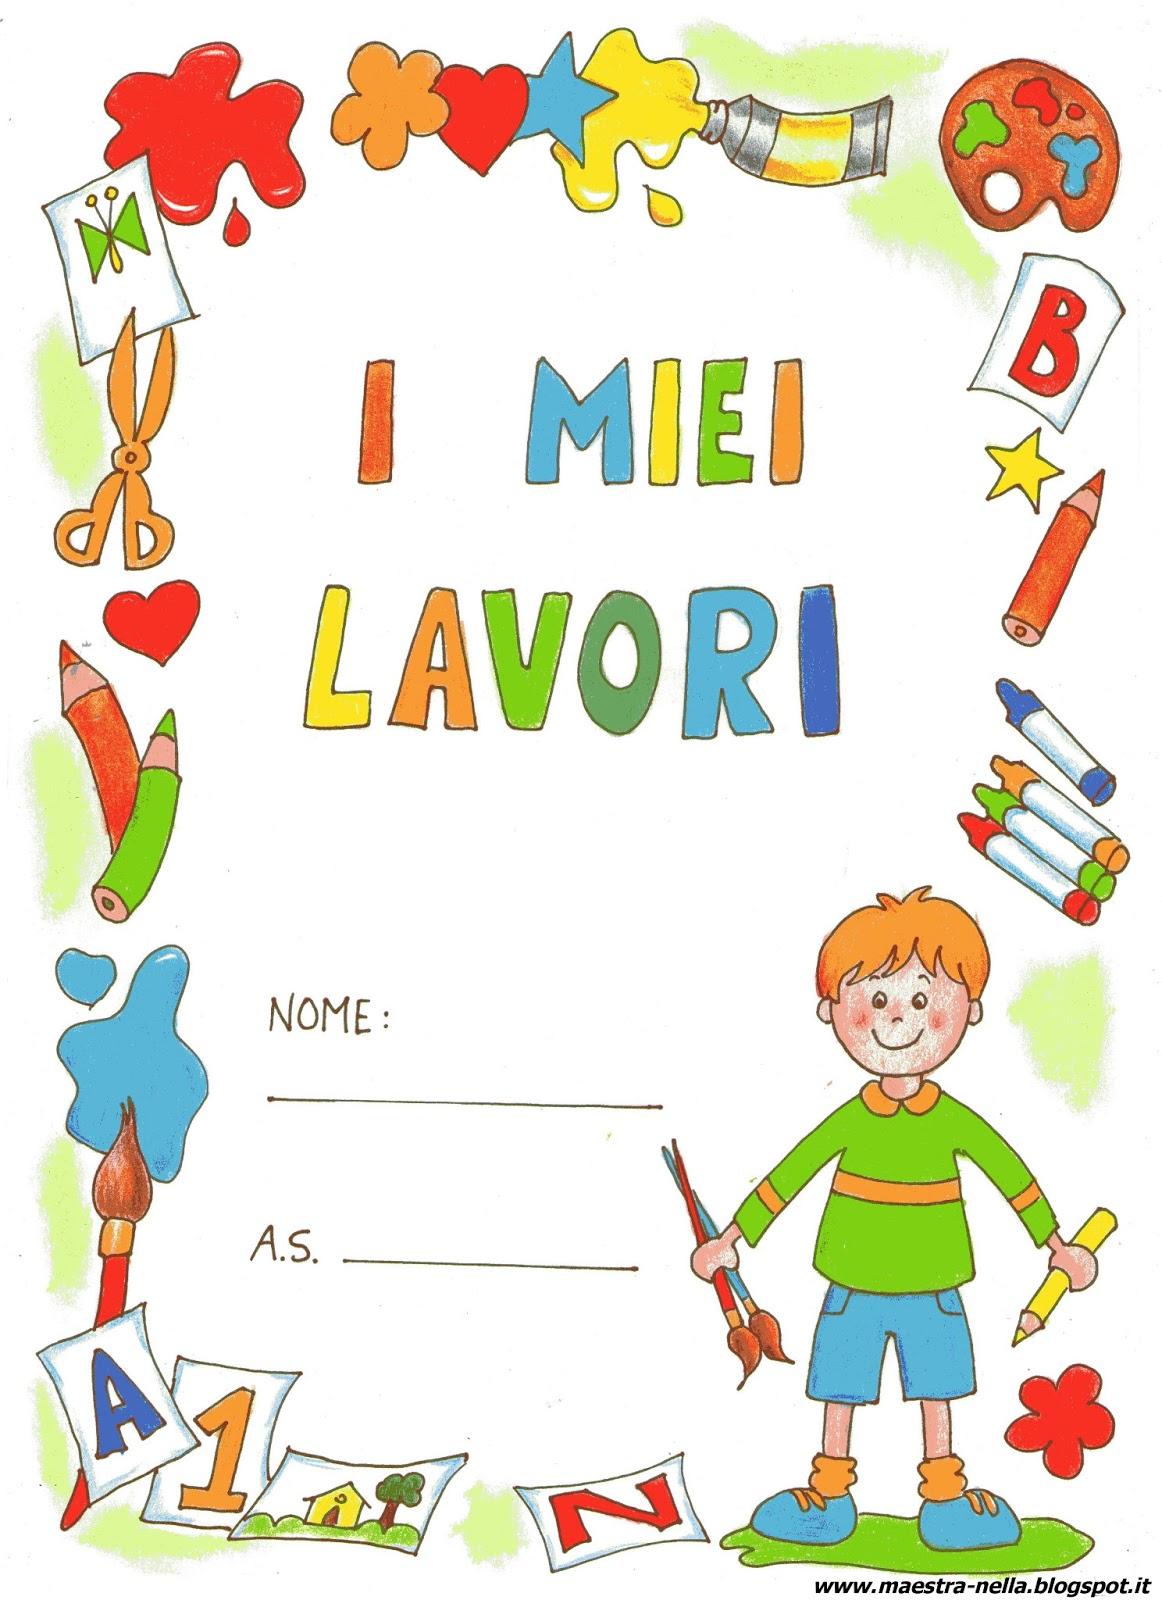 Maestra nella copertine colorate 39 i miei lavori 39 bambino for Maestra infanzia